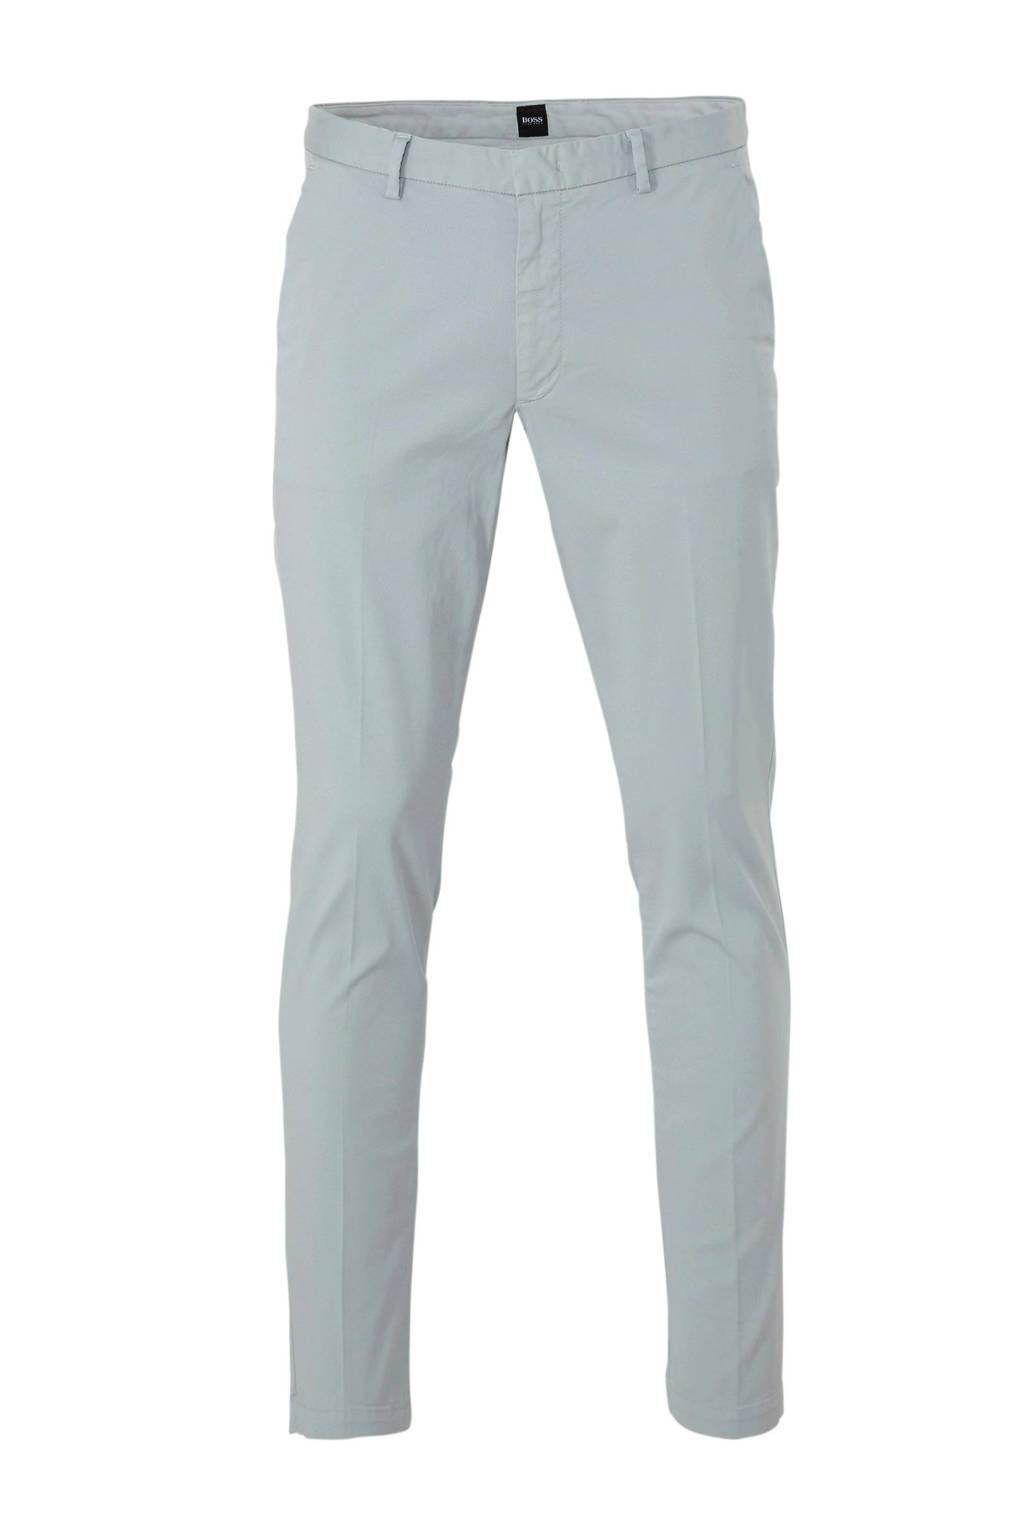 BOSS Menswear tapered fit pantalon grijs, Grijs